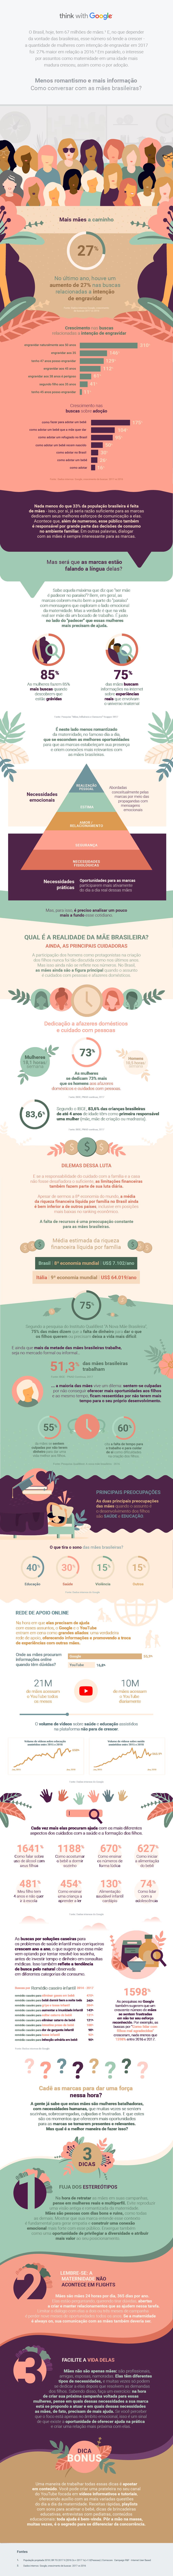 Infográfico com todos os dados do Google sobre o comportamento das mães brasileiras